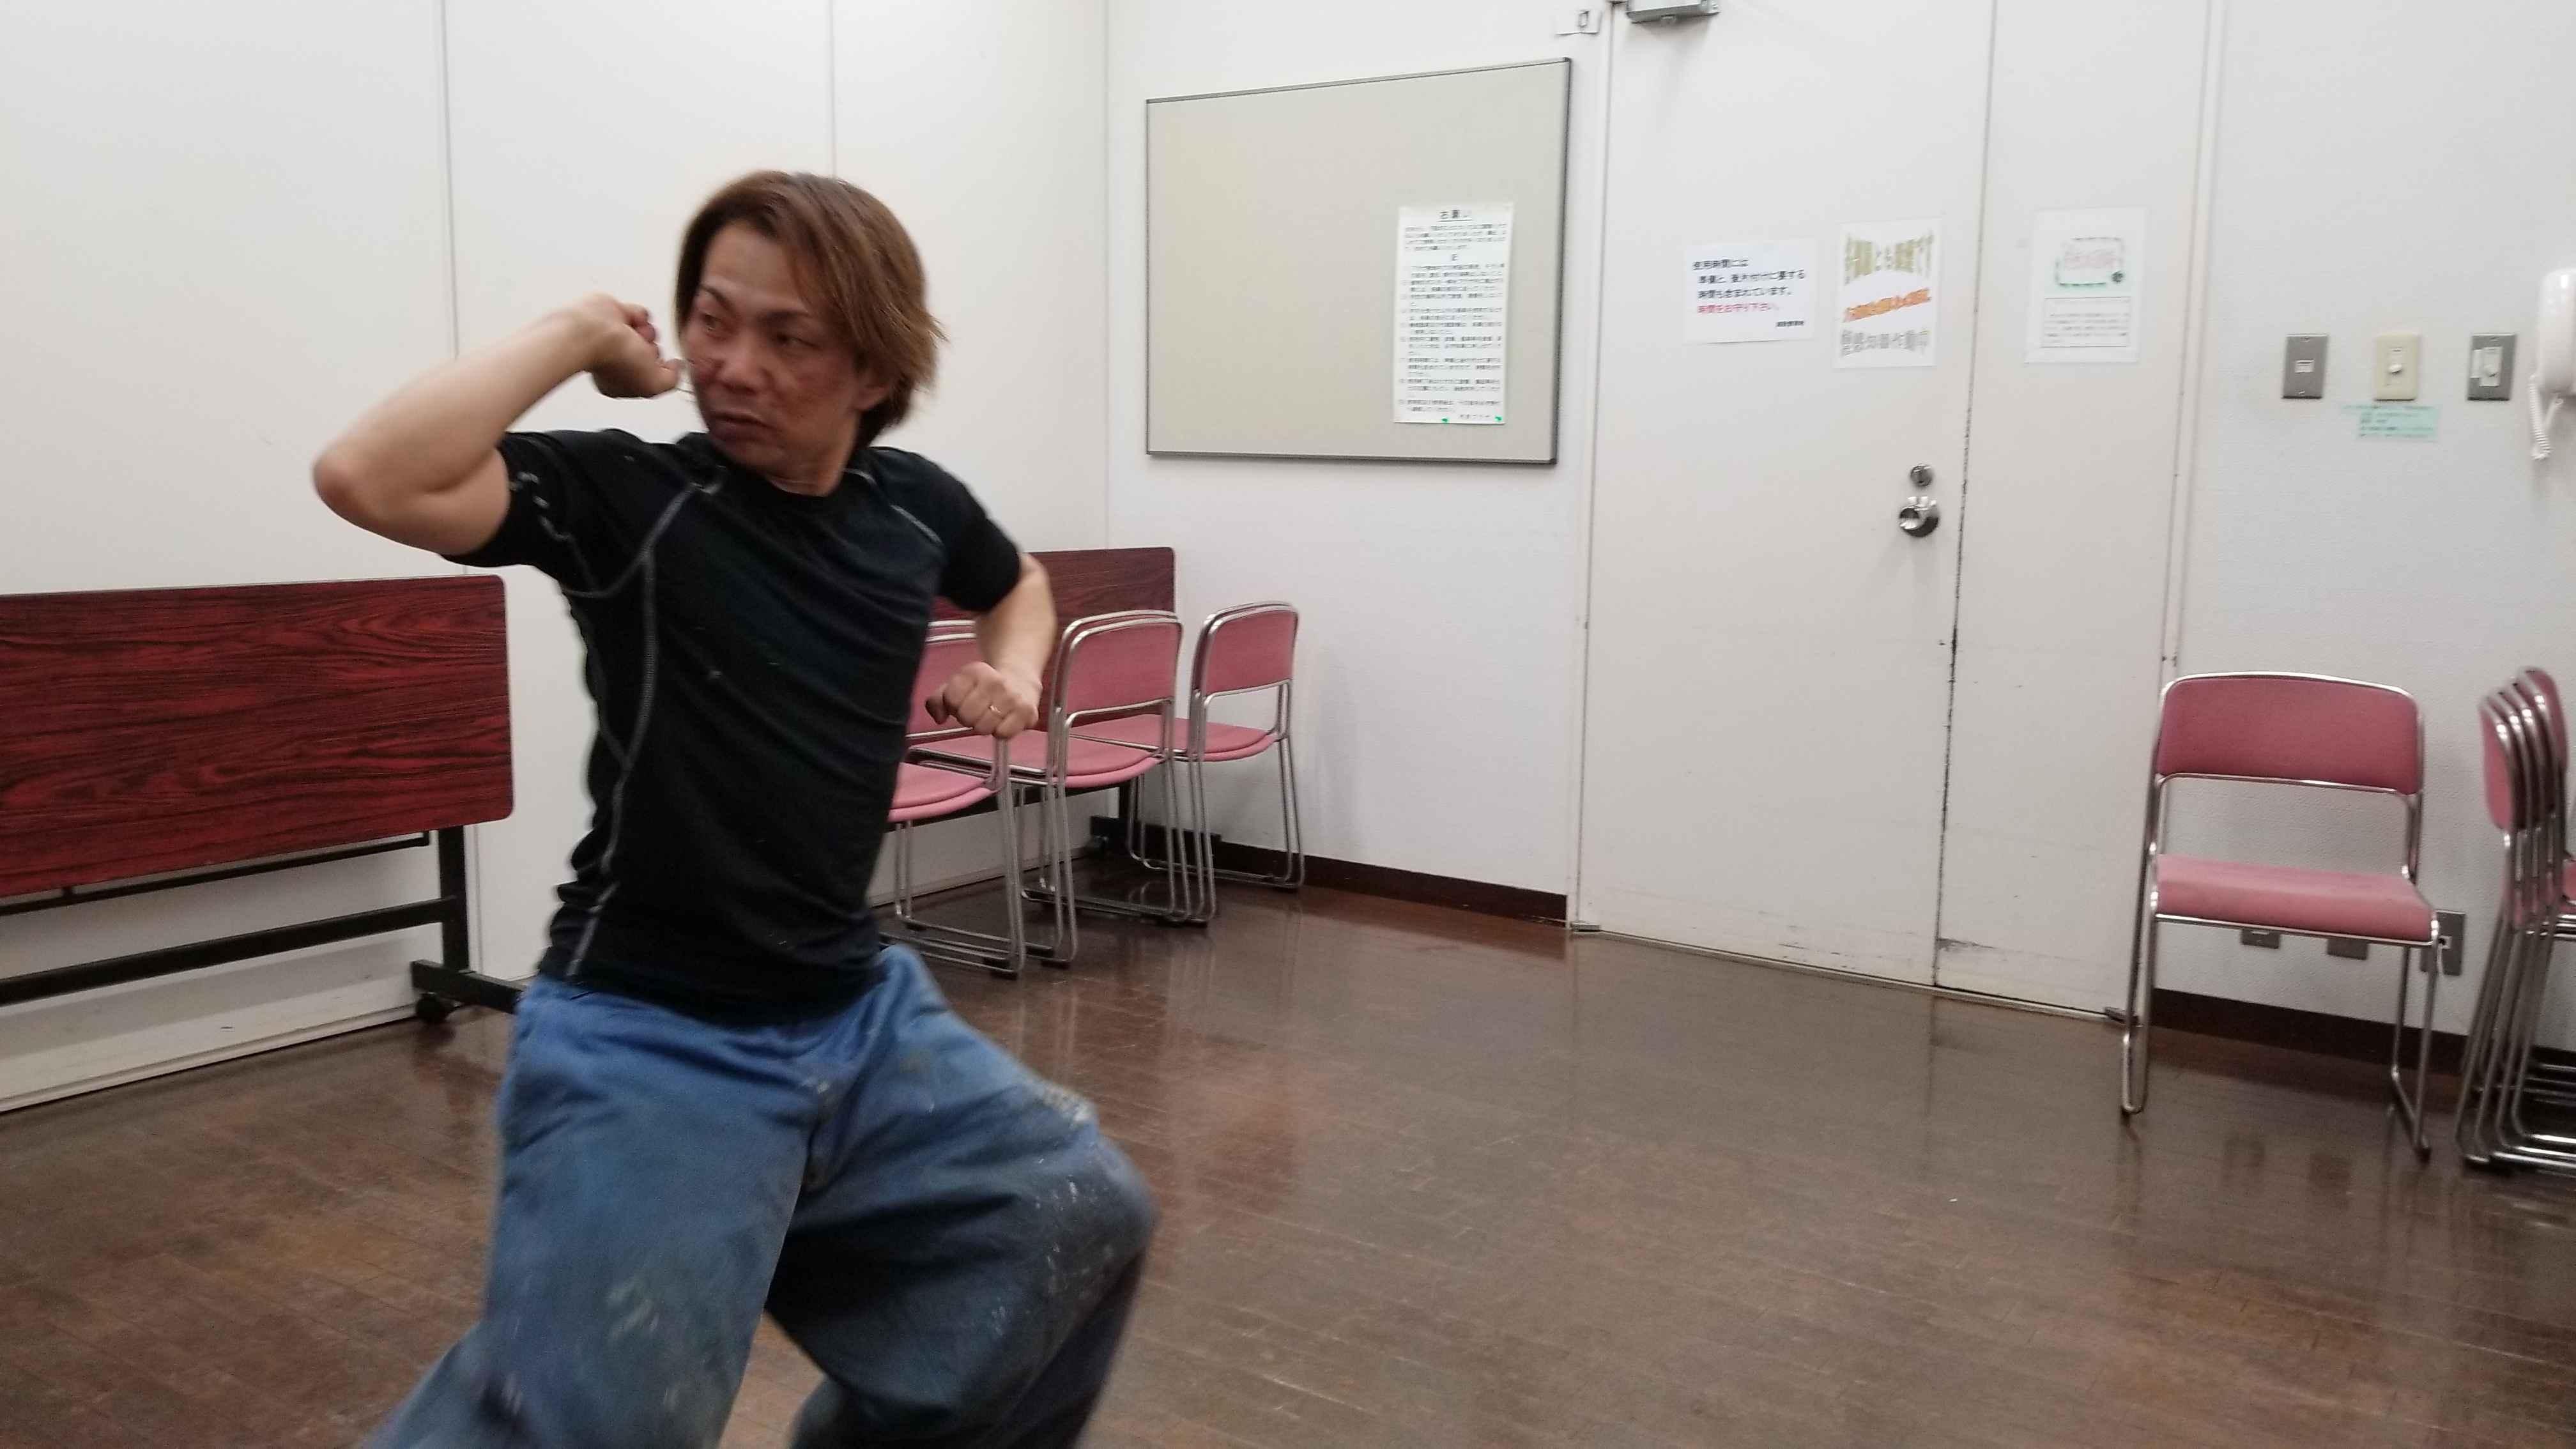 八極拳&蟷螂拳 東大阪(室外)&布施(室内)教室